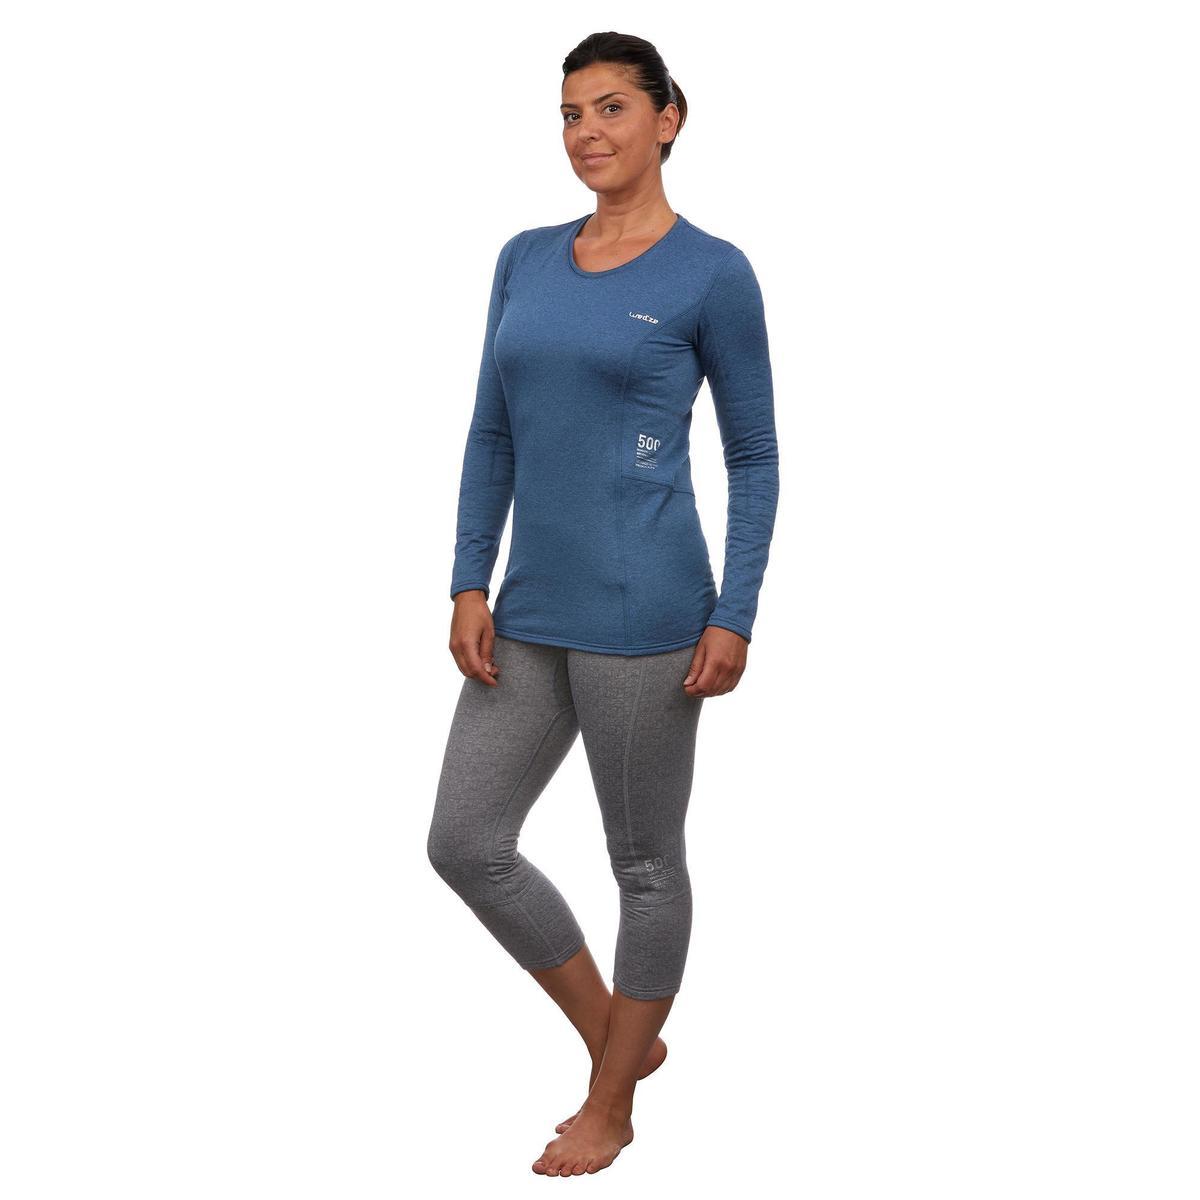 Bild 3 von Skiunterwäsche Funktionsshirt 500 Damen blau